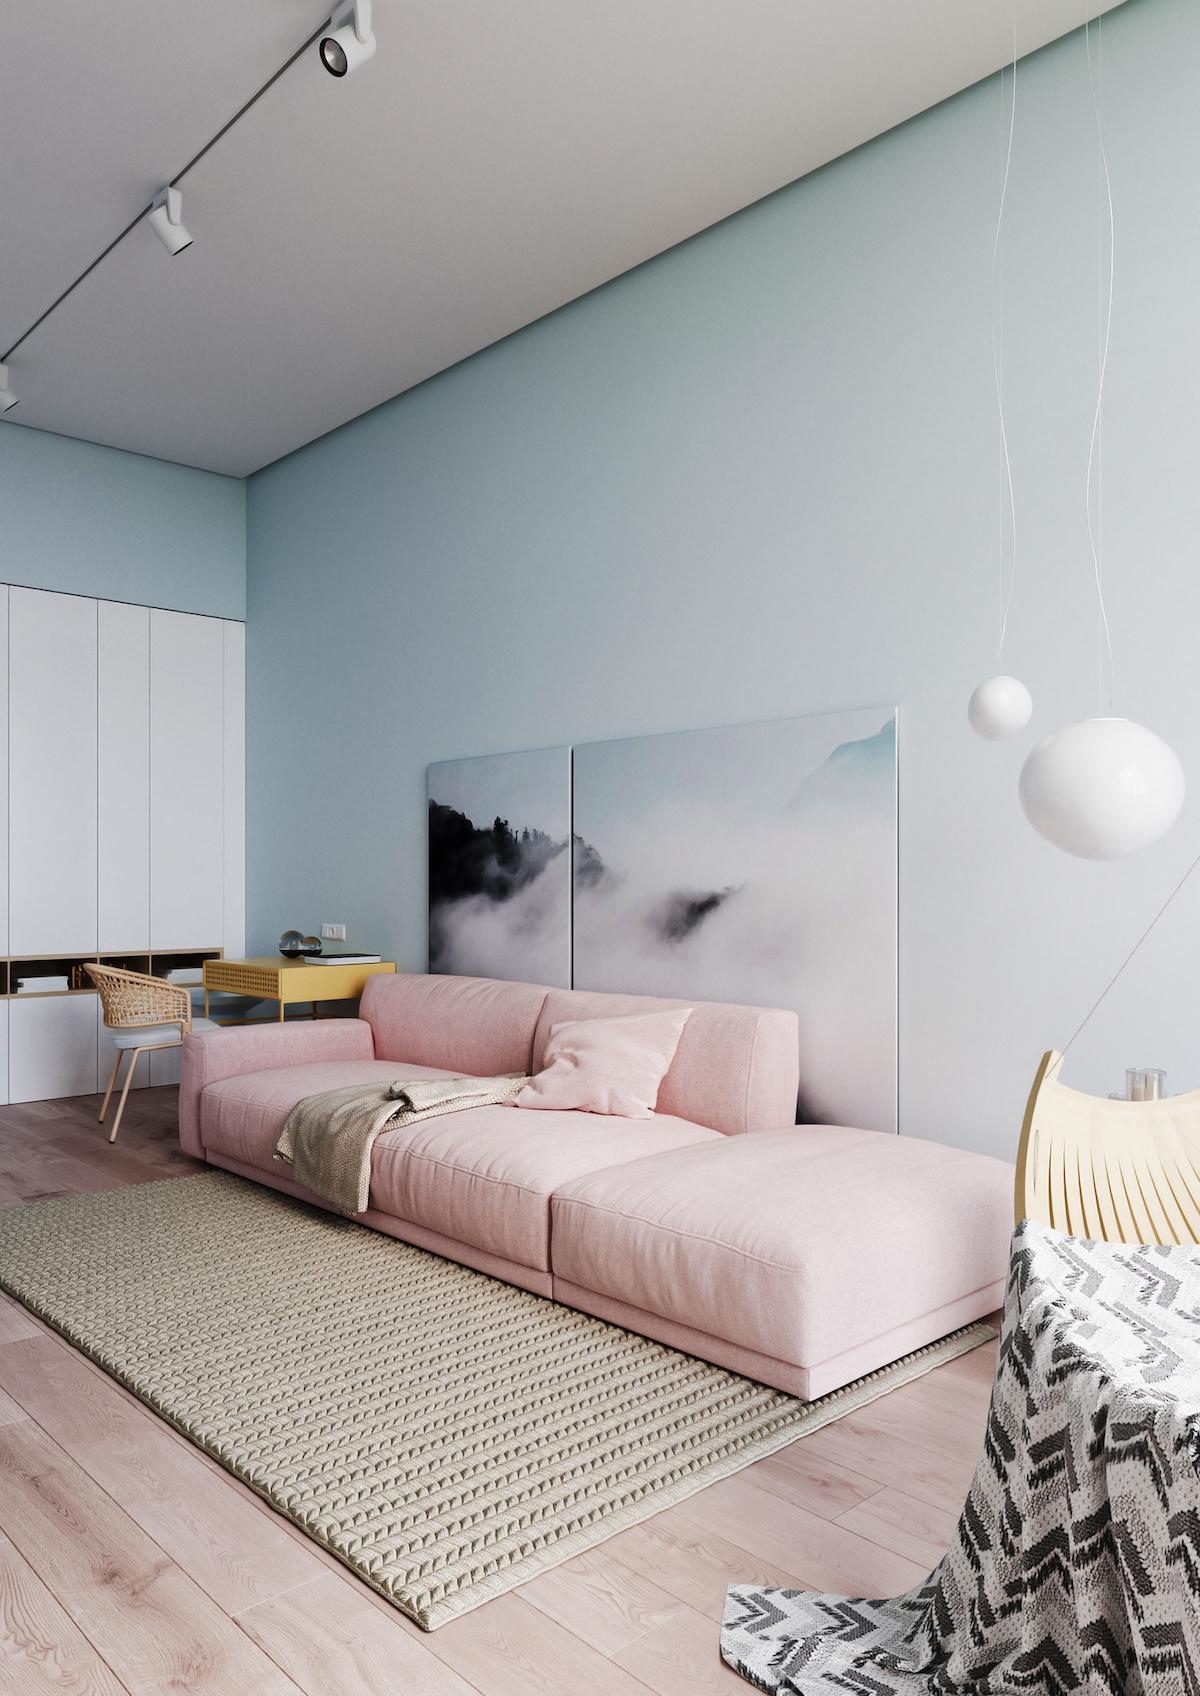 chambre ami idée agencement bureau intérieur couleurs pastel